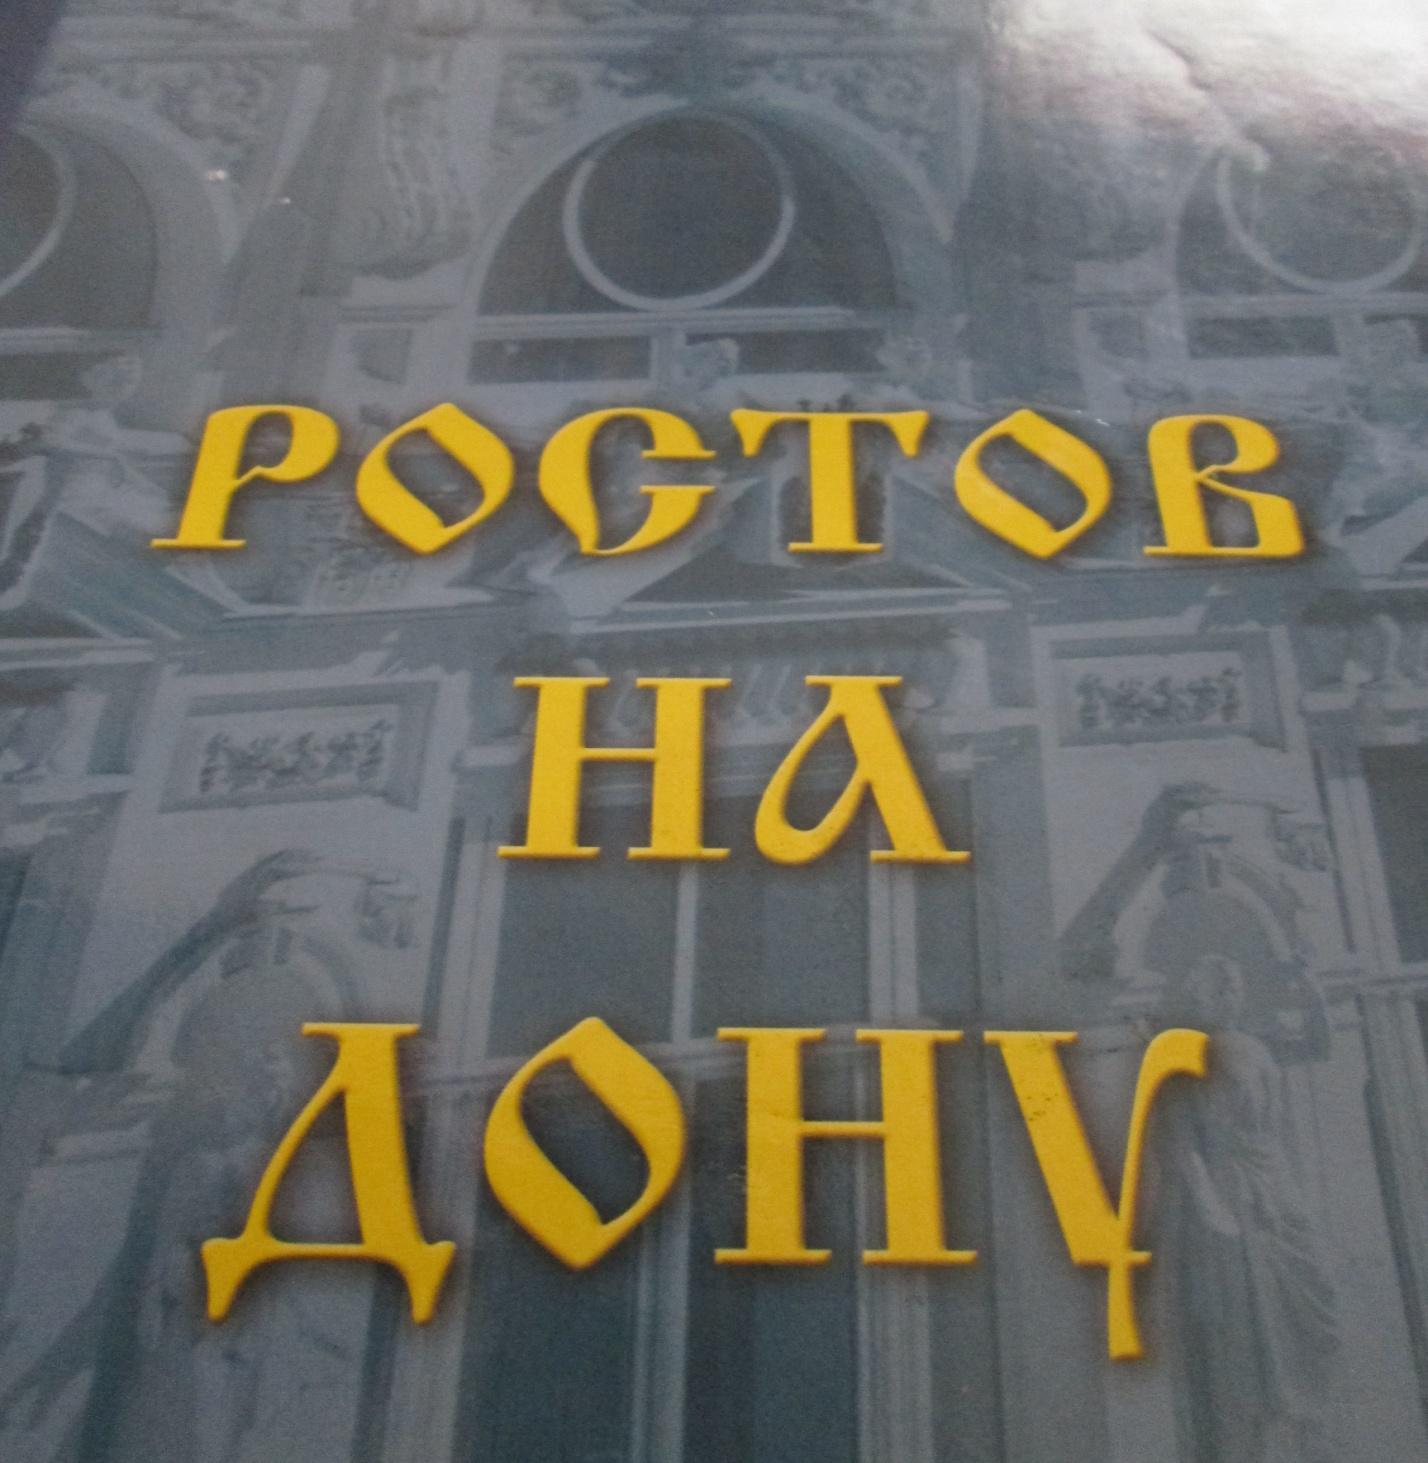 F:\презентация дет сад\Ростов-на-Дону-иллюстрации\IMG_1177.JPG